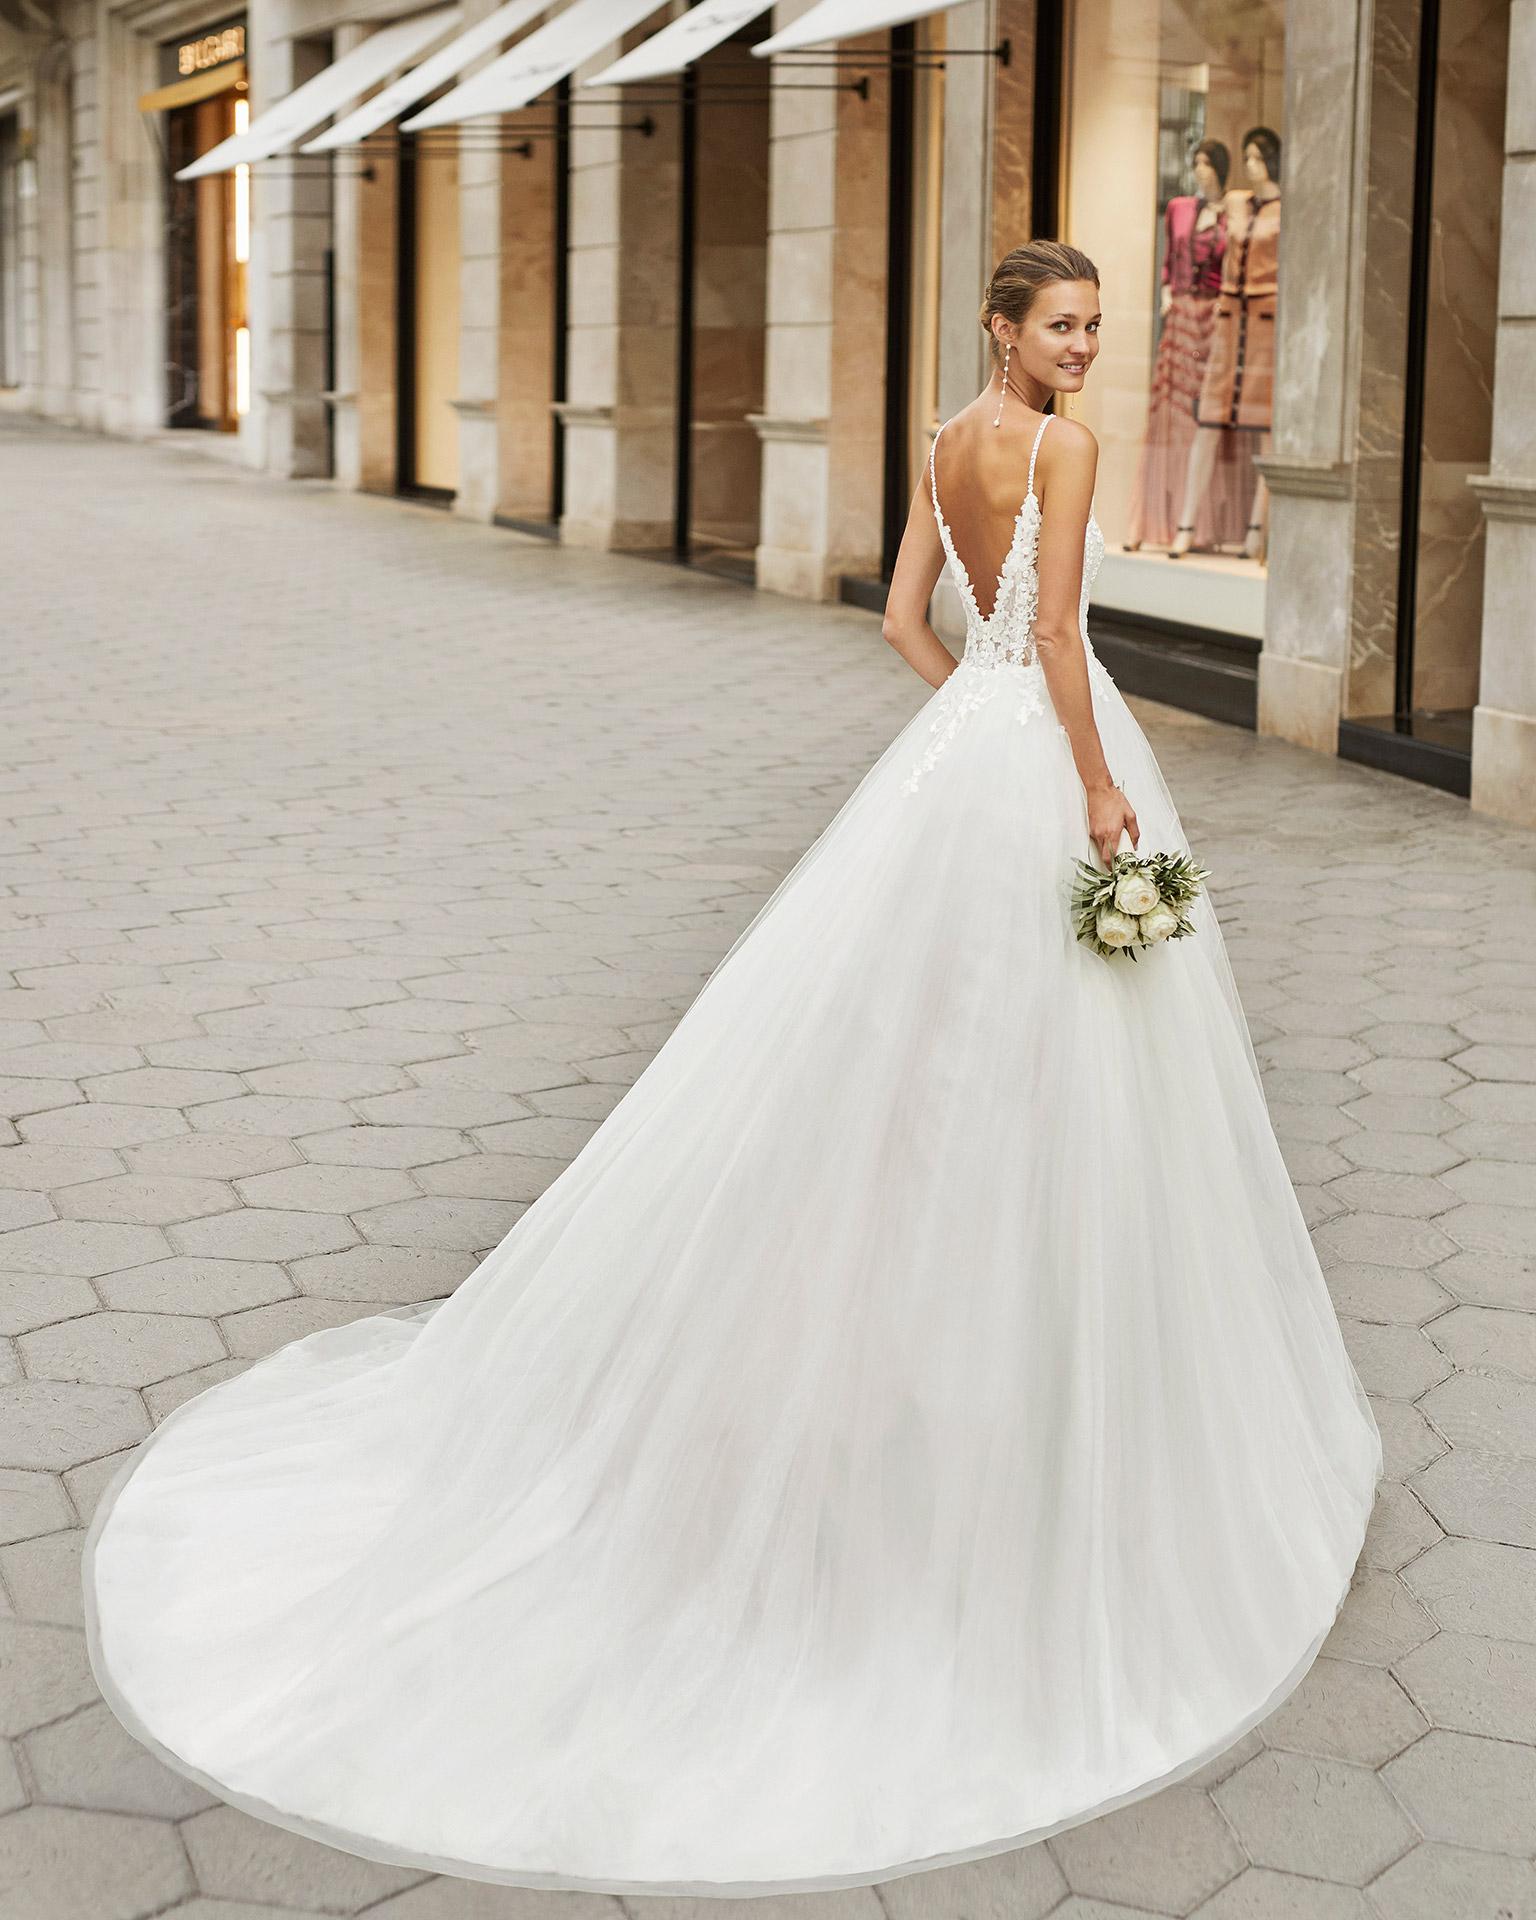 Vestido de novia de estilo romántico, tul y tul plumetti en interior de la falda, encaje y pedrería. Escote deep plunge y espalda en V. Colección  2022.